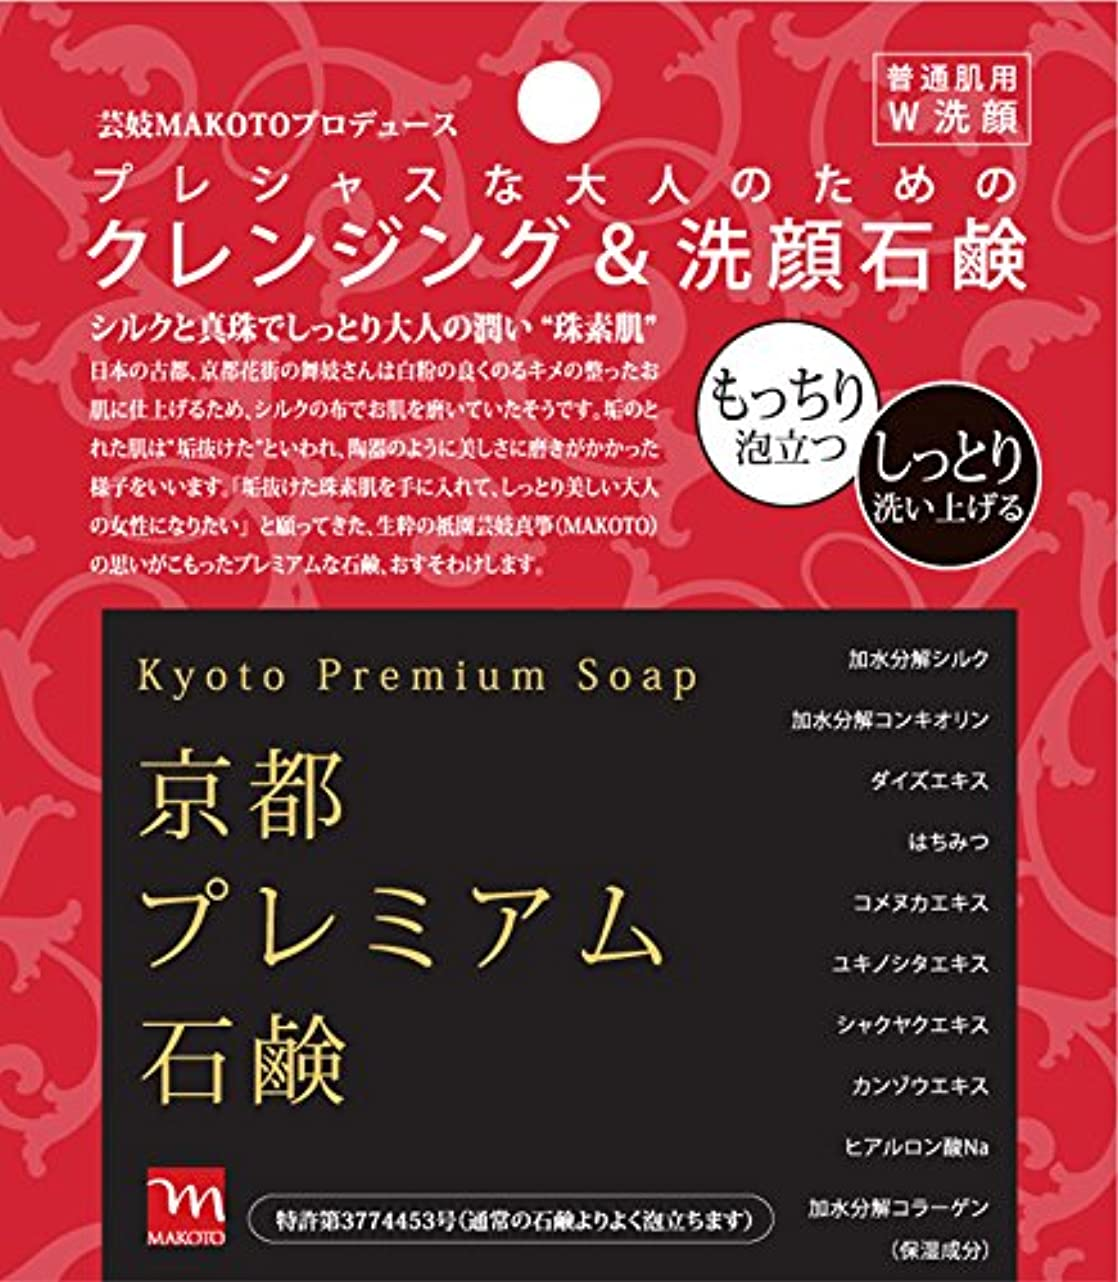 敬計画的パブ京都プレミアム石鹸 クレンジング&洗顔石鹸 しっとり もっちり 芸妓さん監修